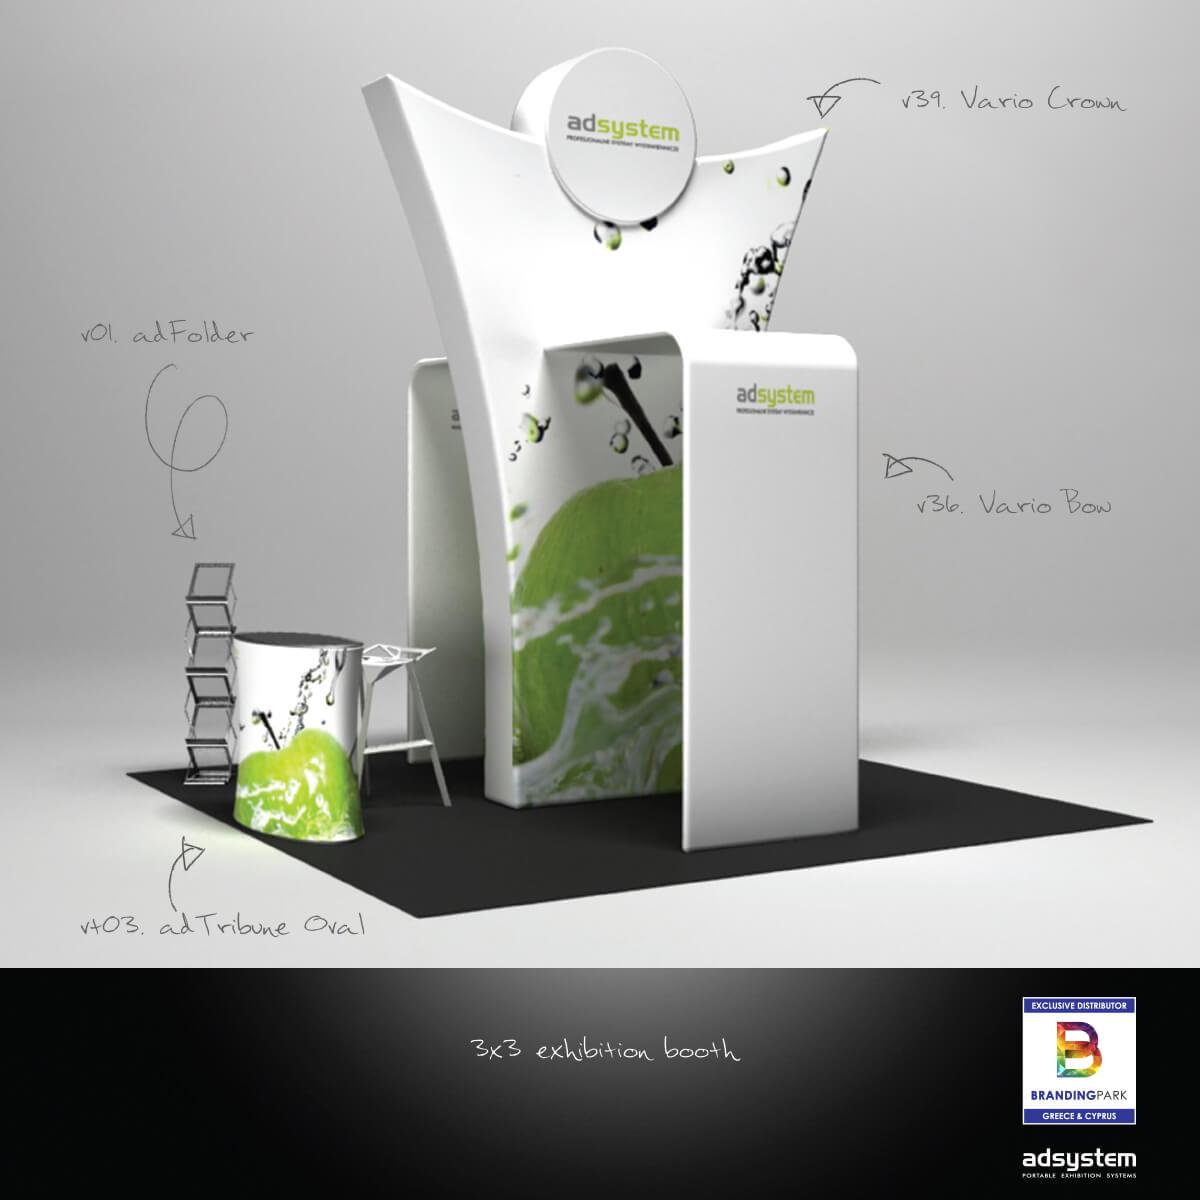 Προτεινόμενα Σετ Εκθεσιακών Συστημάτων Σετ 1 - 3x3 Exhibition Booth